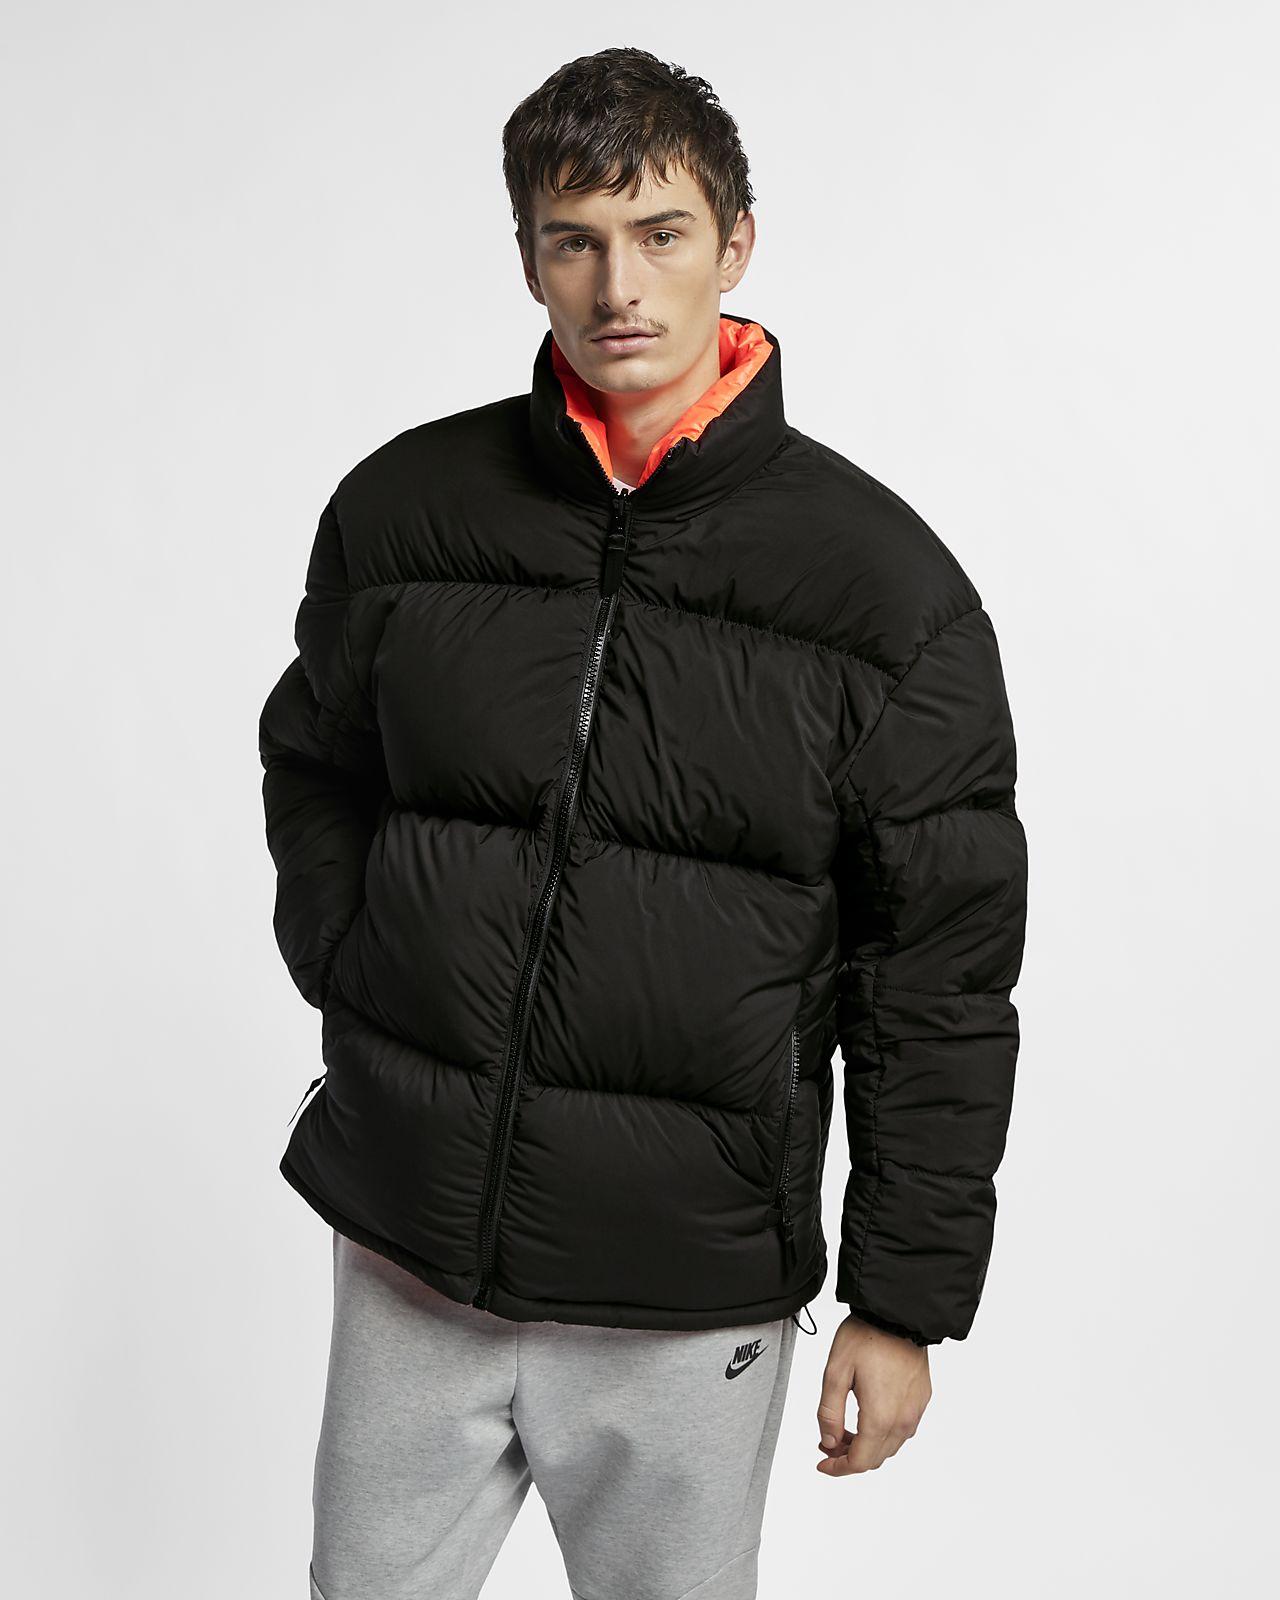 Blusão almofadado NikeLab Collection para homem